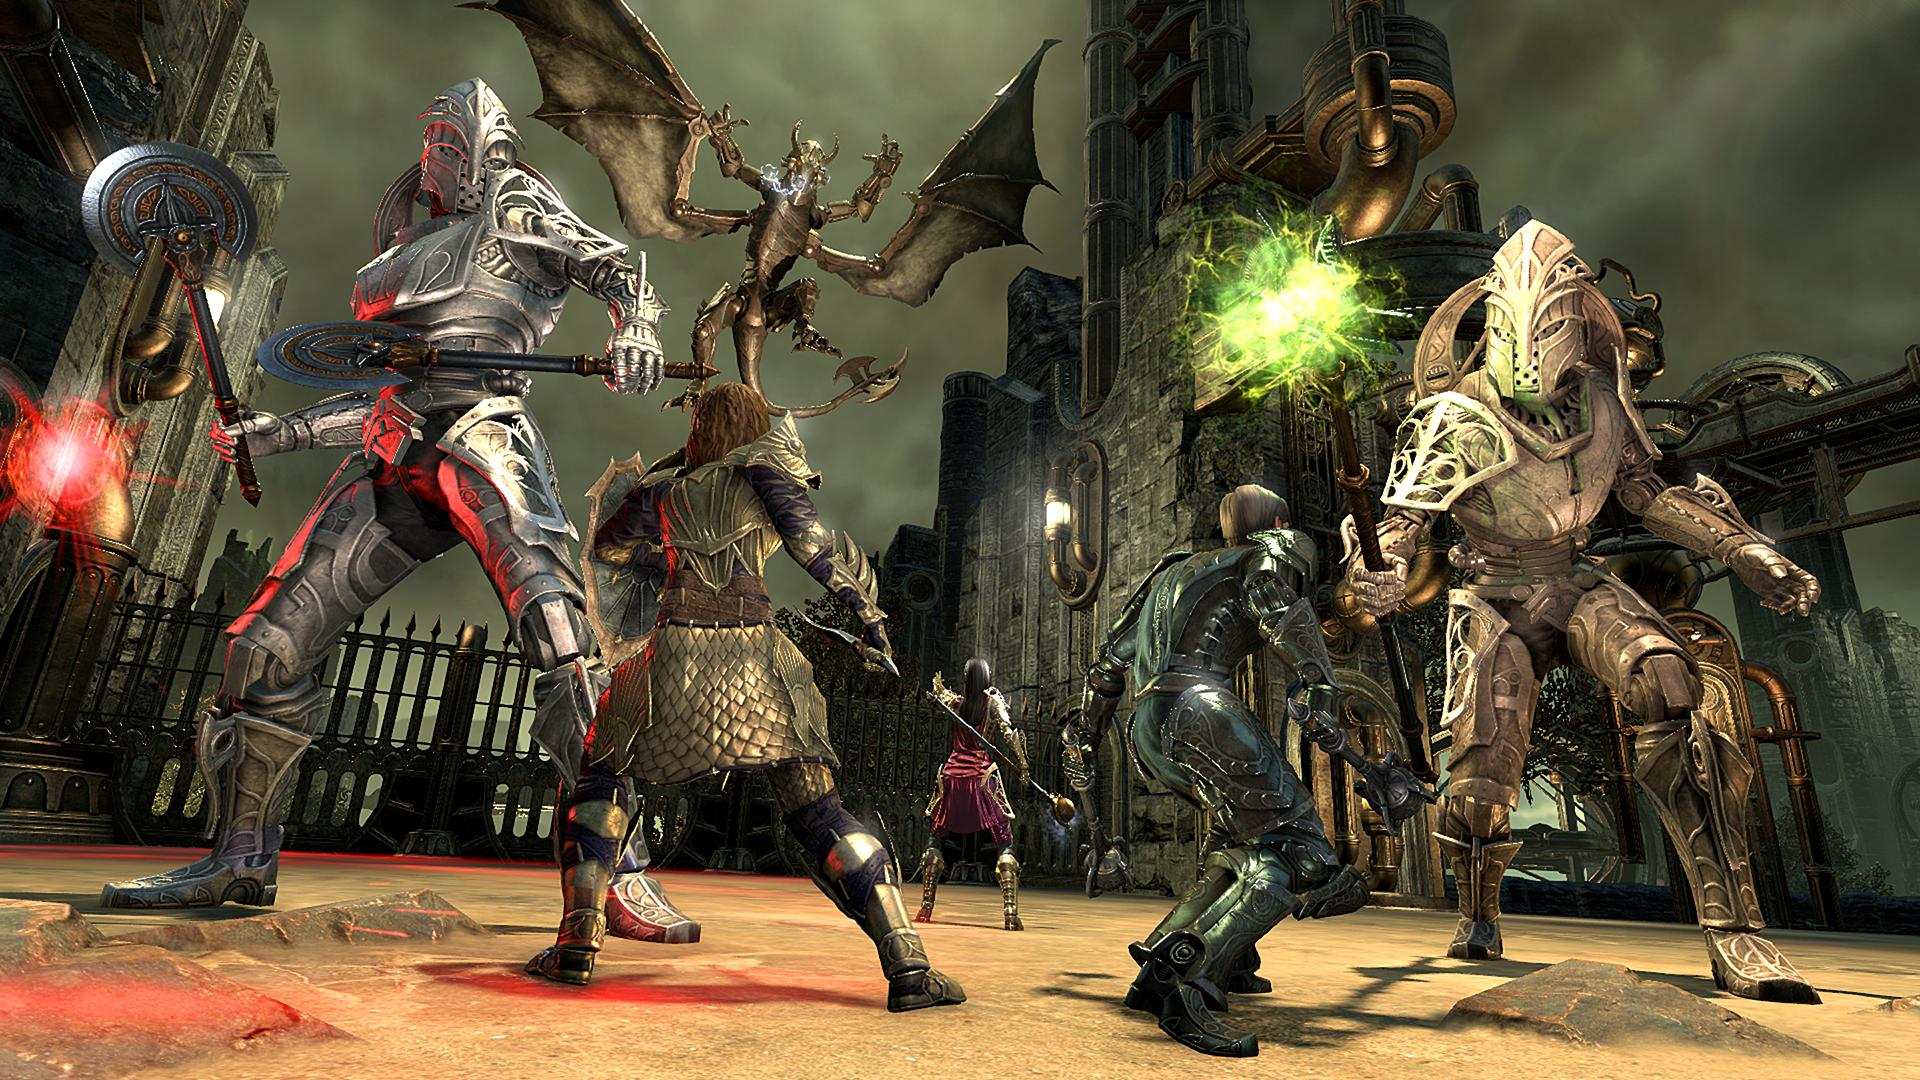 Elder Scrolls Online Releases Xbox One X 4K Update Alongside